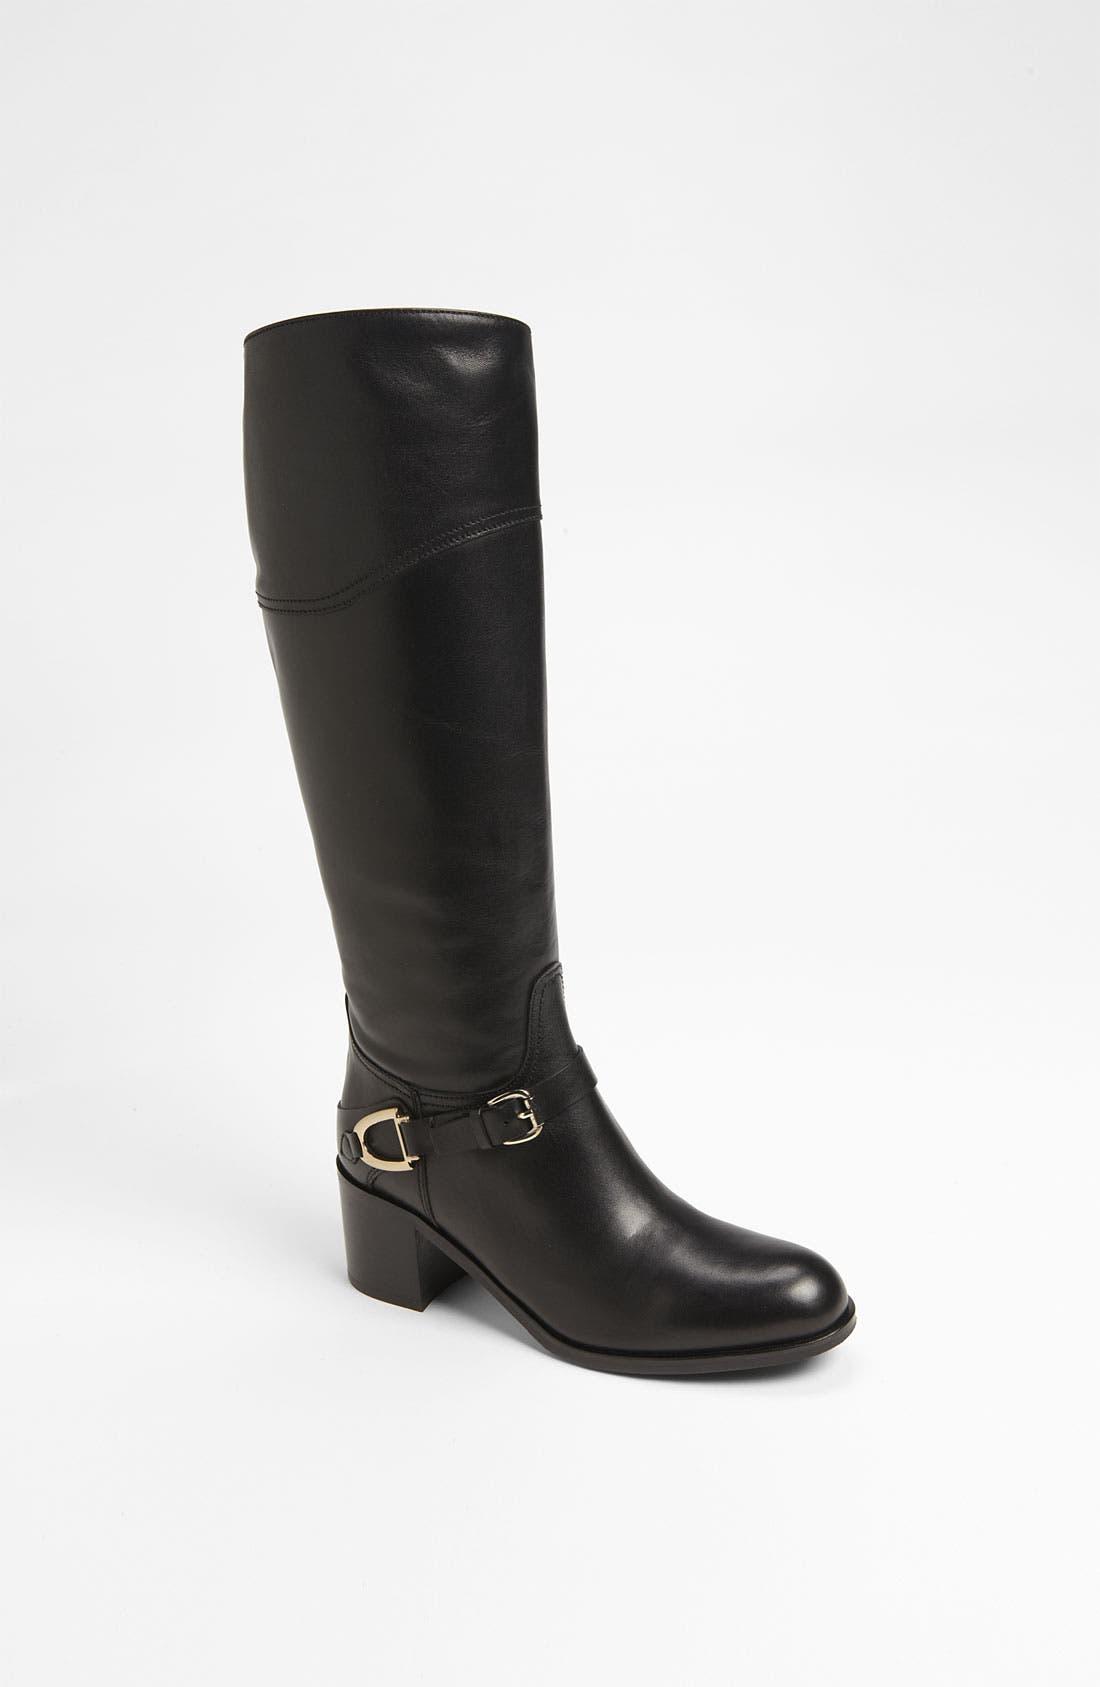 Alternate Image 1 Selected - Cordani 'Veritas' Boot